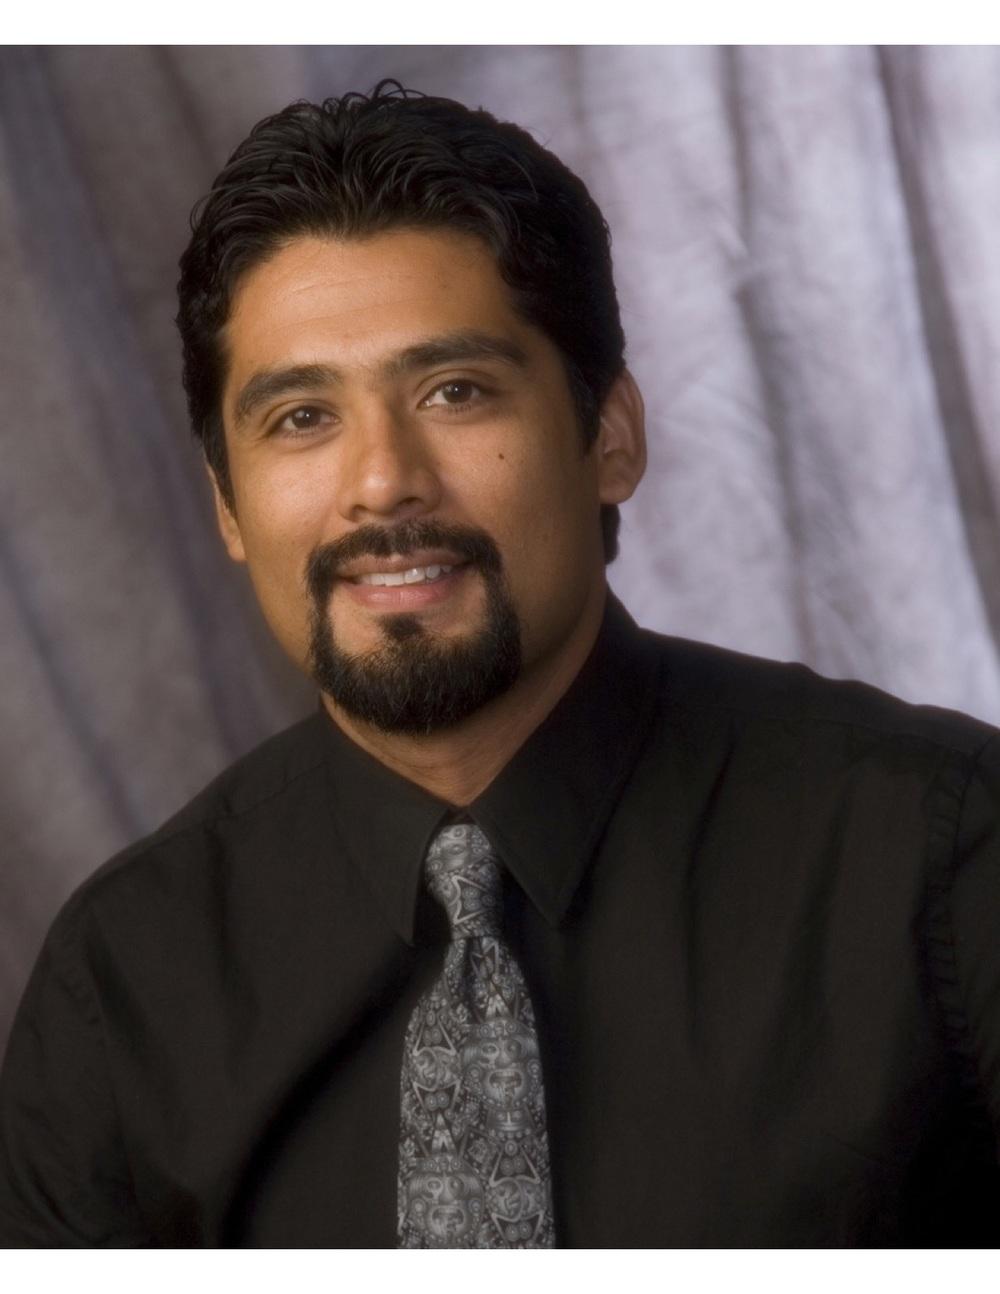 Victor Rios